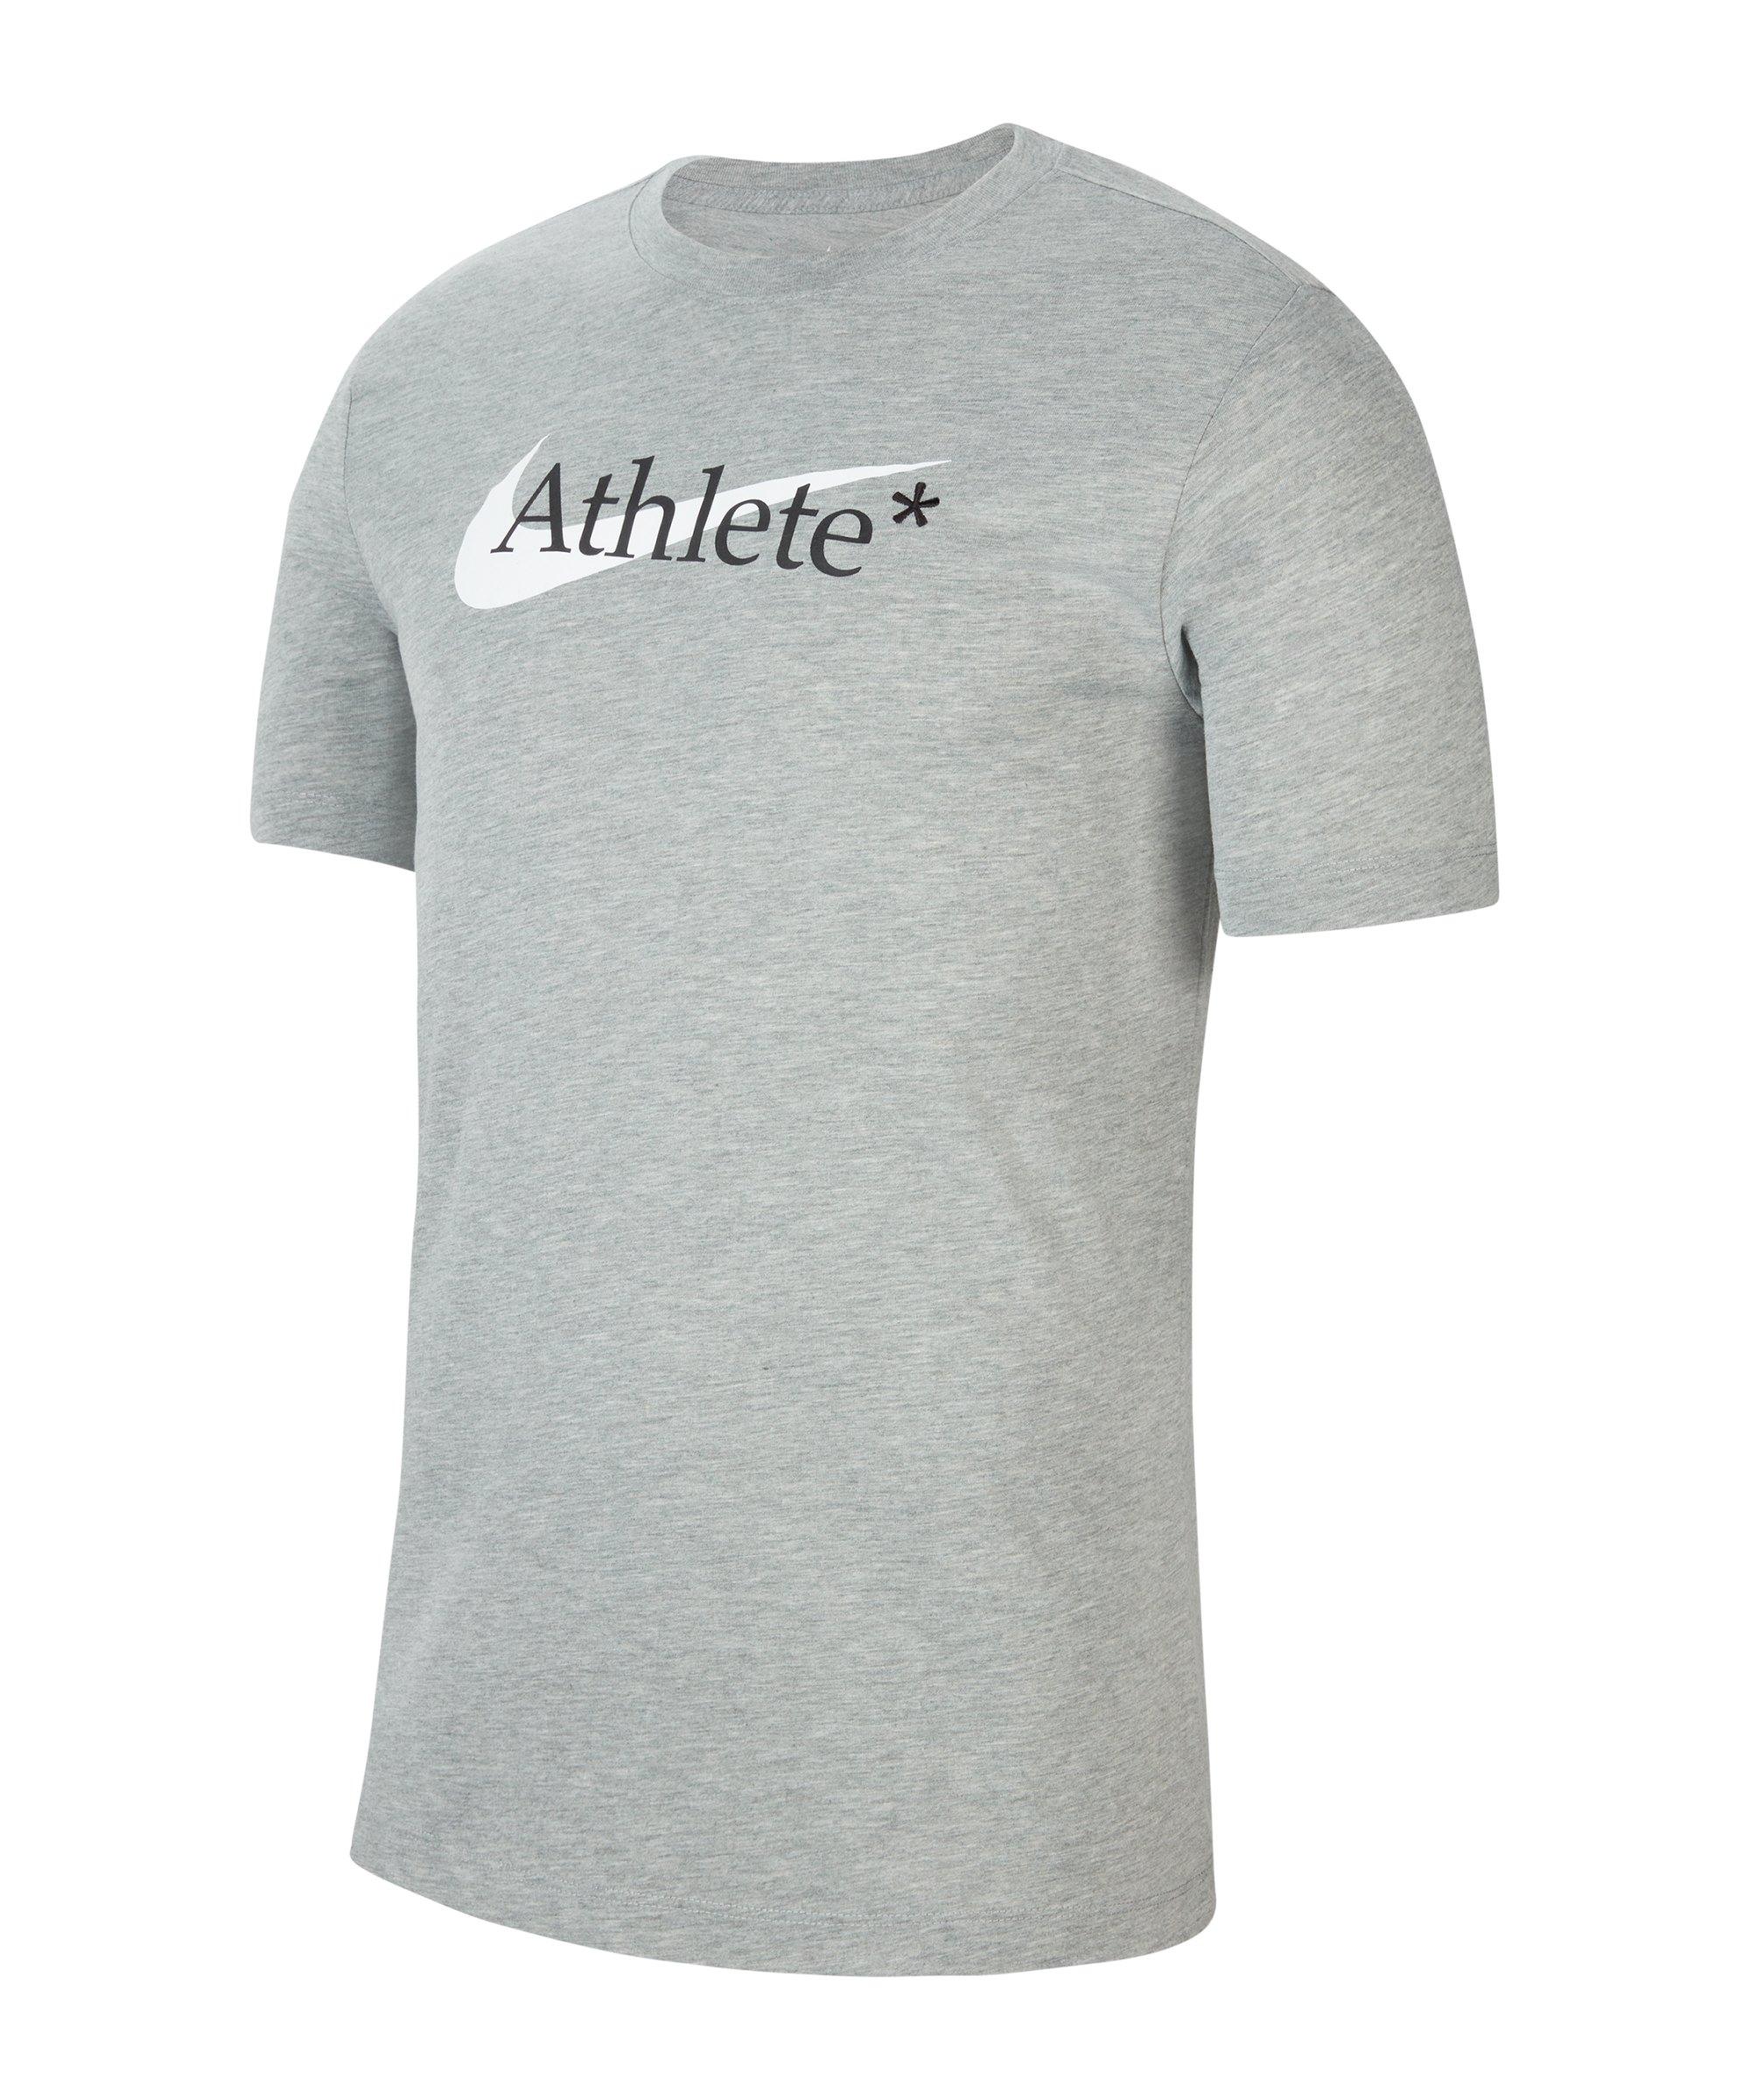 Nike Athlete Swoosh T-Shirt Grau F063 - grau